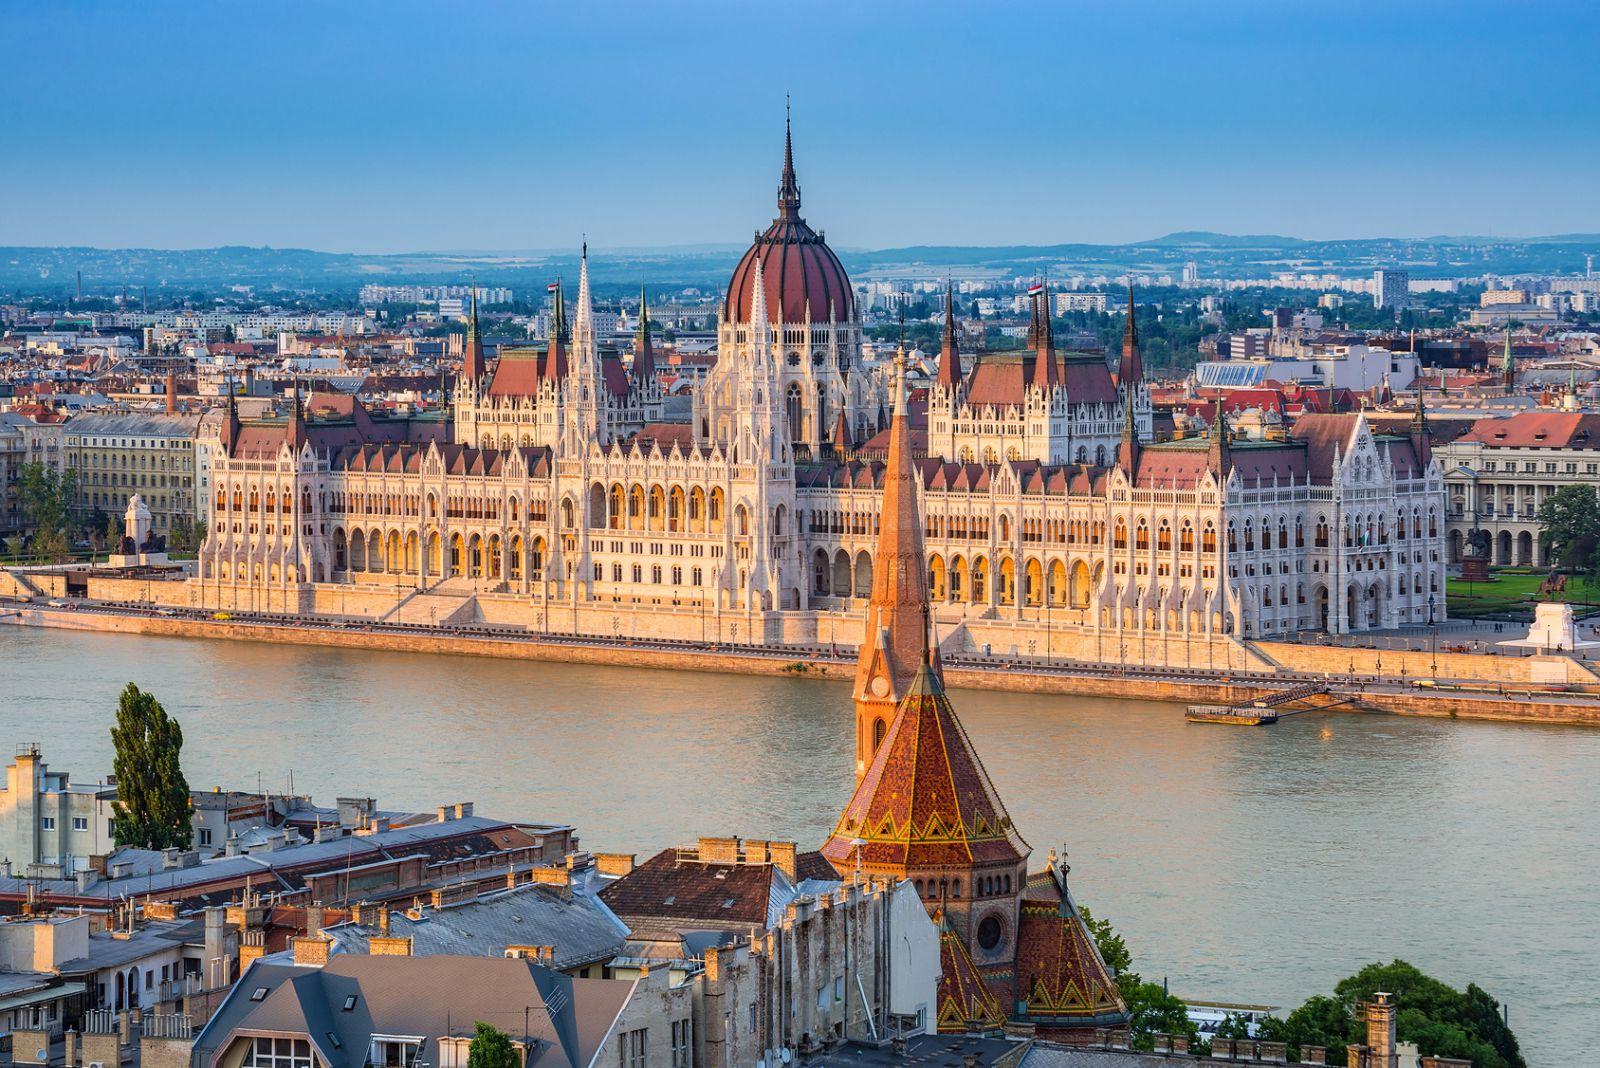 HÀNH TRÌNH KHÁM PHÁ DI SẢN ĐÔNG ÂU HUNGARY | CROATIA | ÁO | SÉC | POLAND | SLOVAKIA |13N13Đ